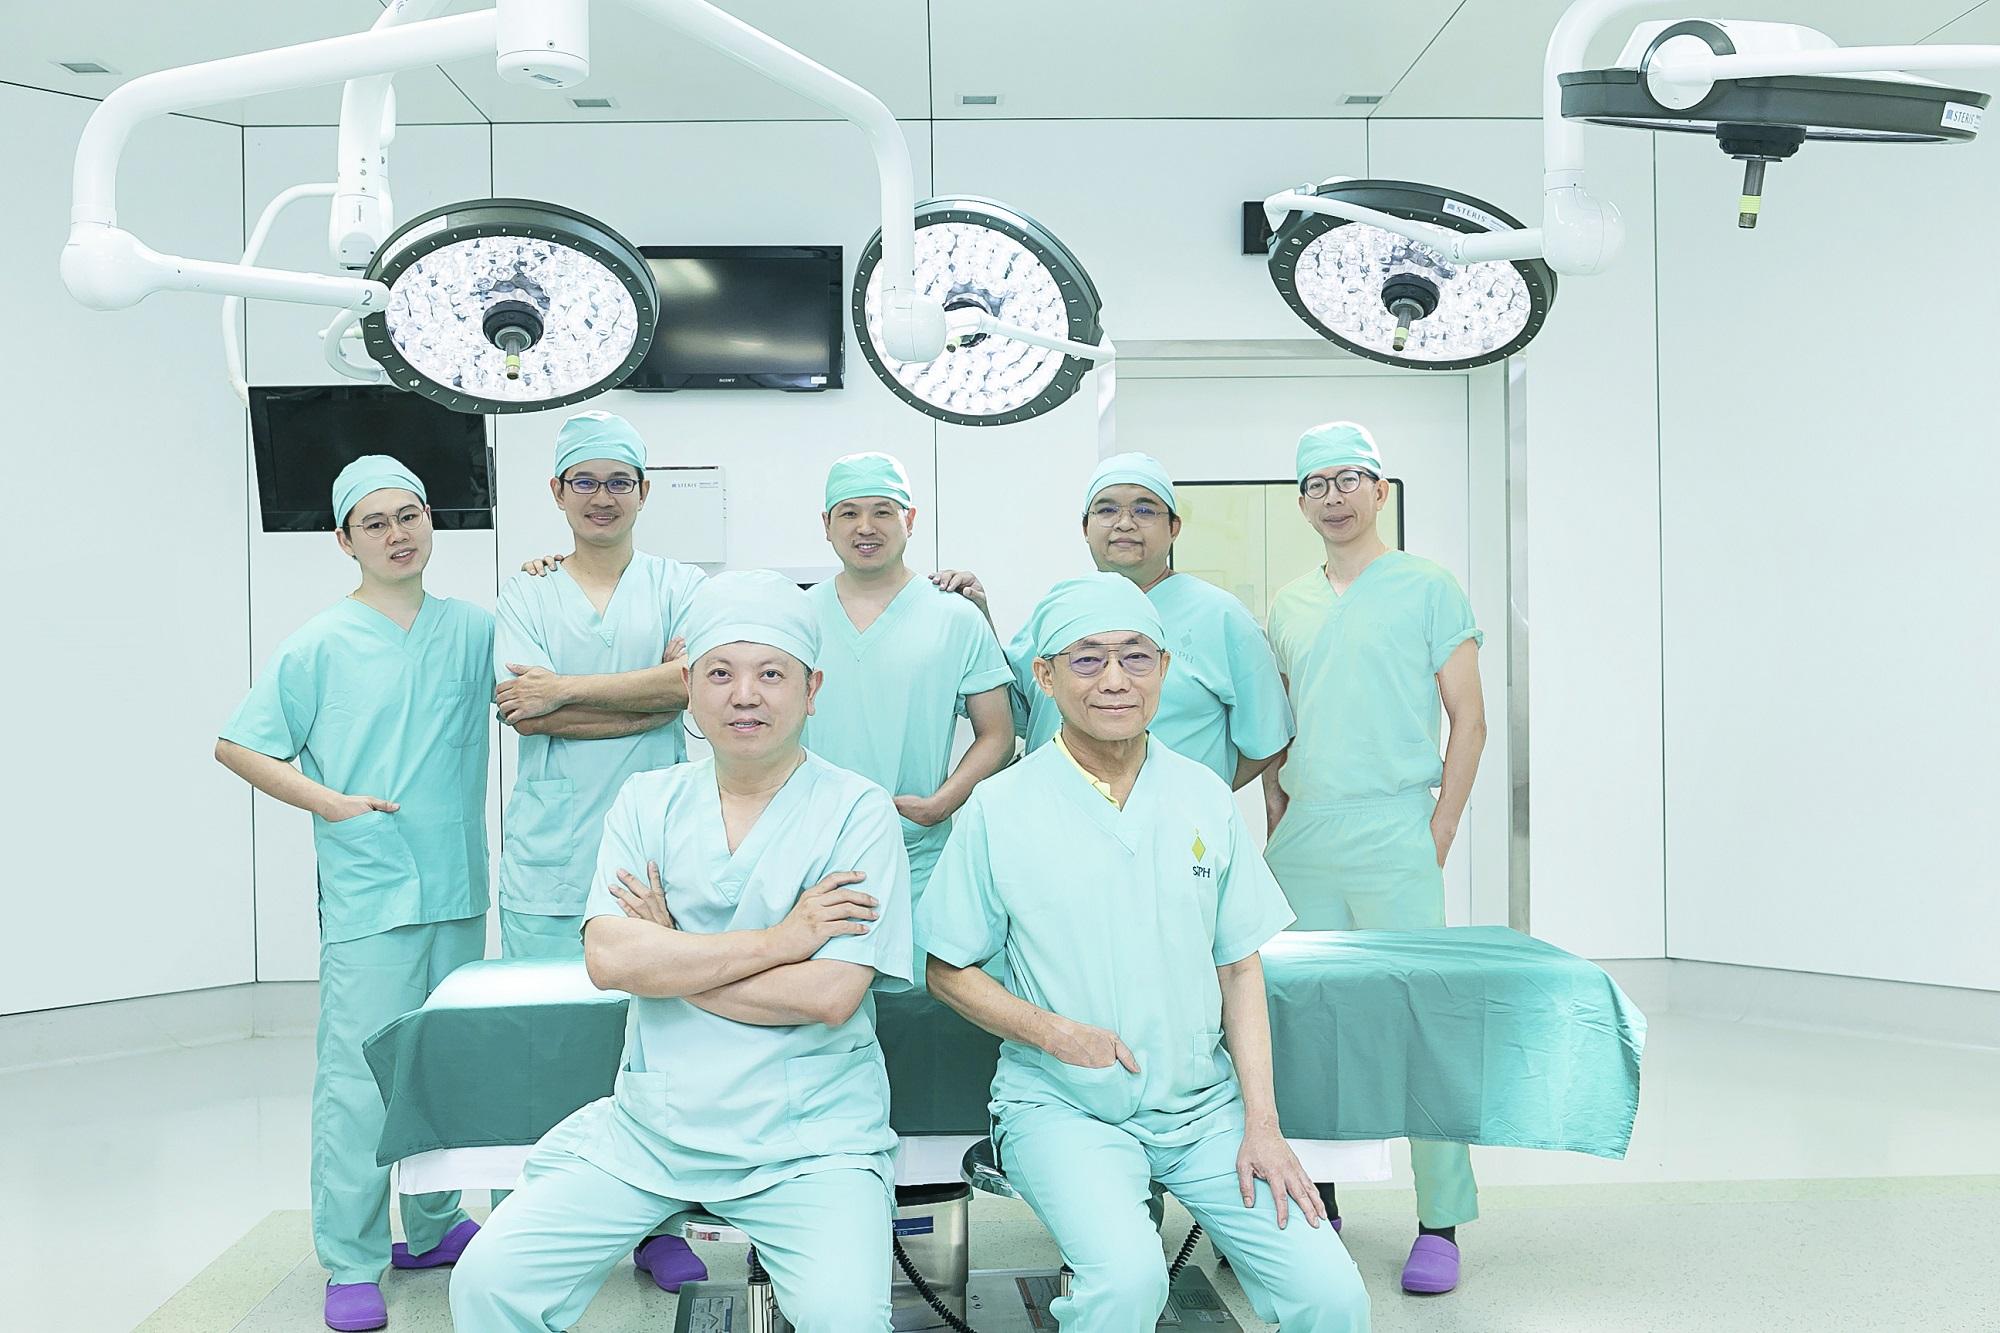 ศูนย์ผิวหนังและศัลยกรรมตกแต่ง โรงพยาบาลศิริราช ปิยมหาราชการุณย์